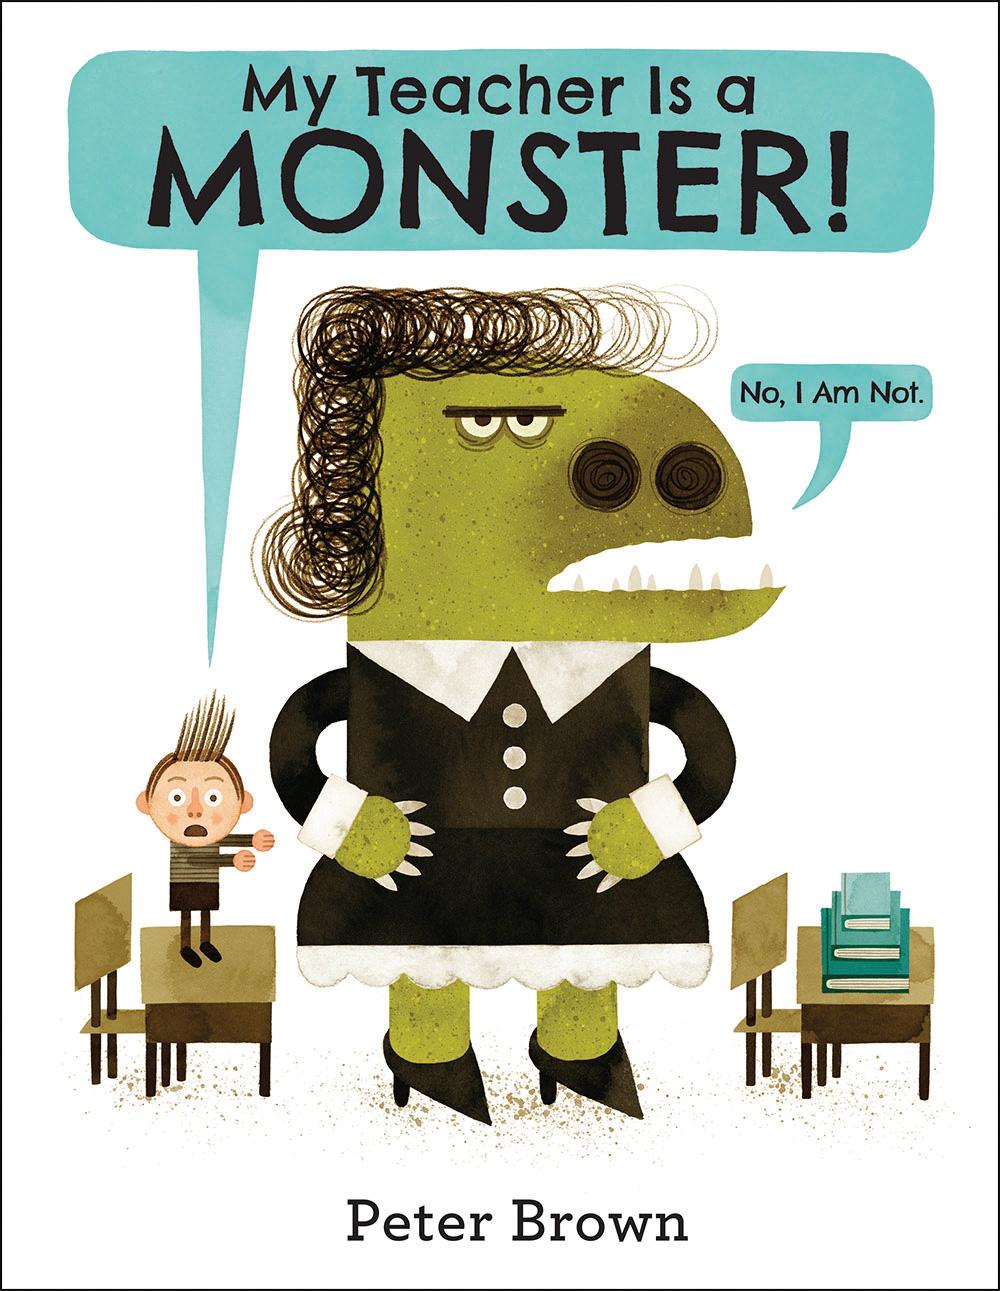 Brown, Peter 2014_07 - MY TEACHER IS A MONSTER! NO, I AM NOT - PB - RLM PR.jpg